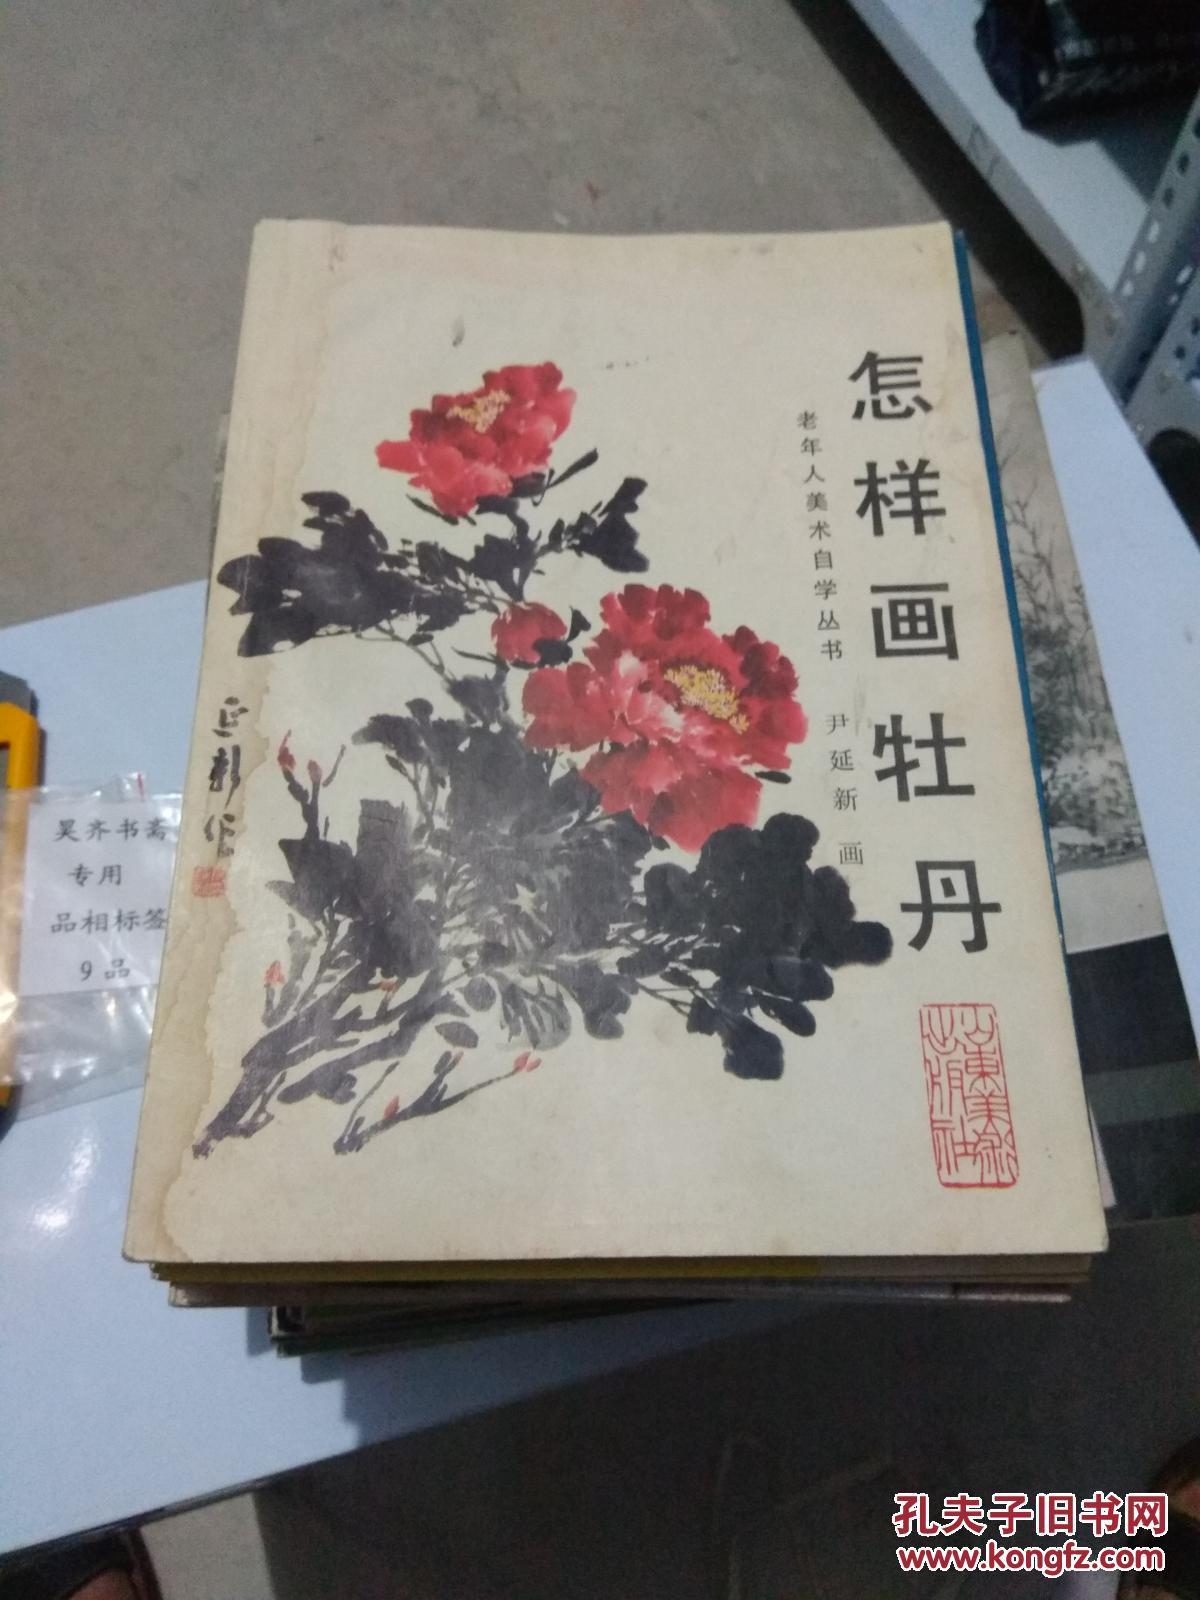 怎样画牡丹(货架h9)_尹延新画_孔夫子旧书网图片